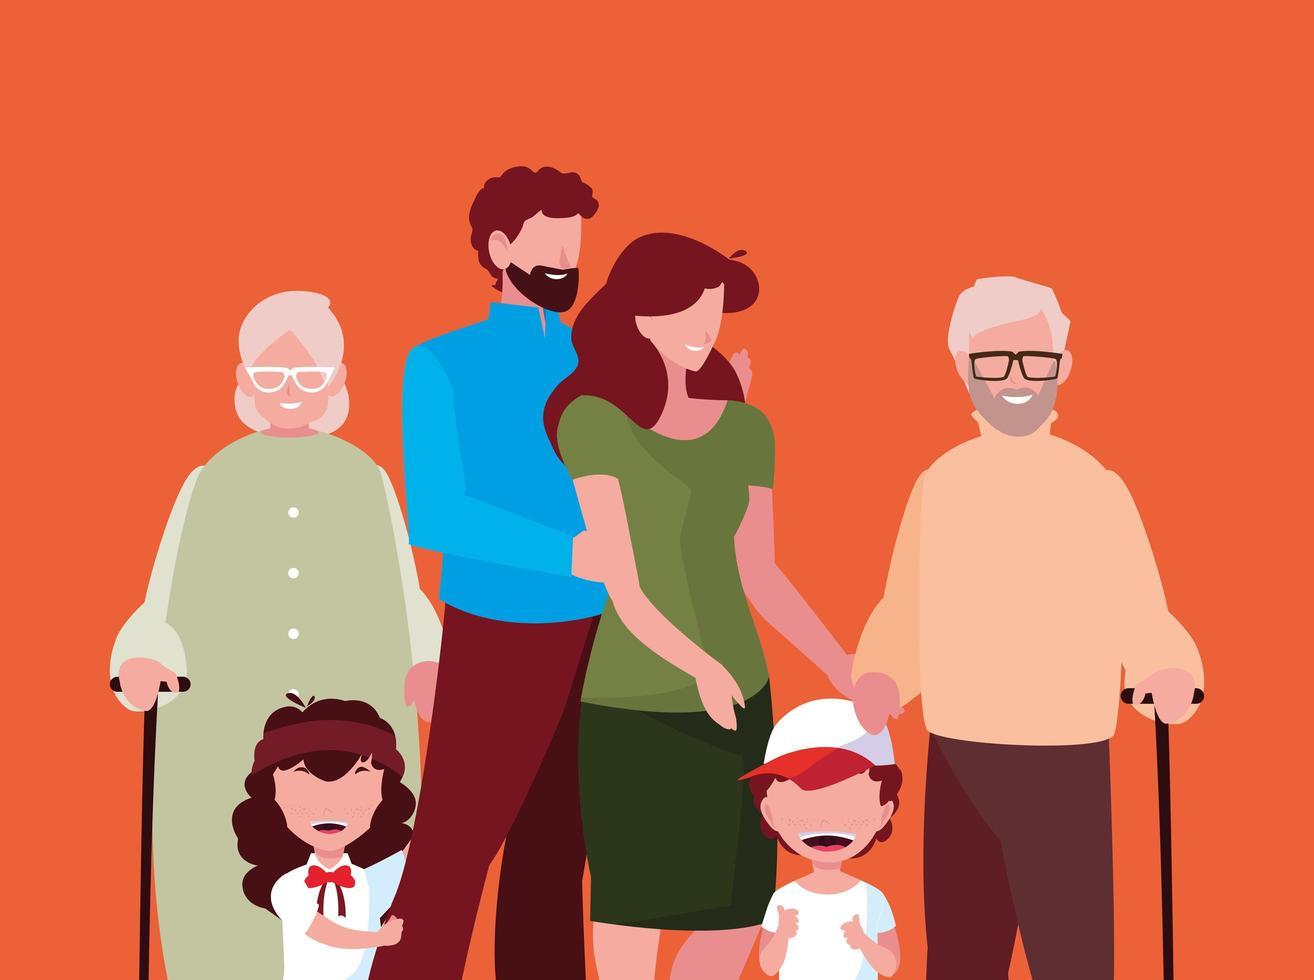 personnages de membres de la famille vecteur